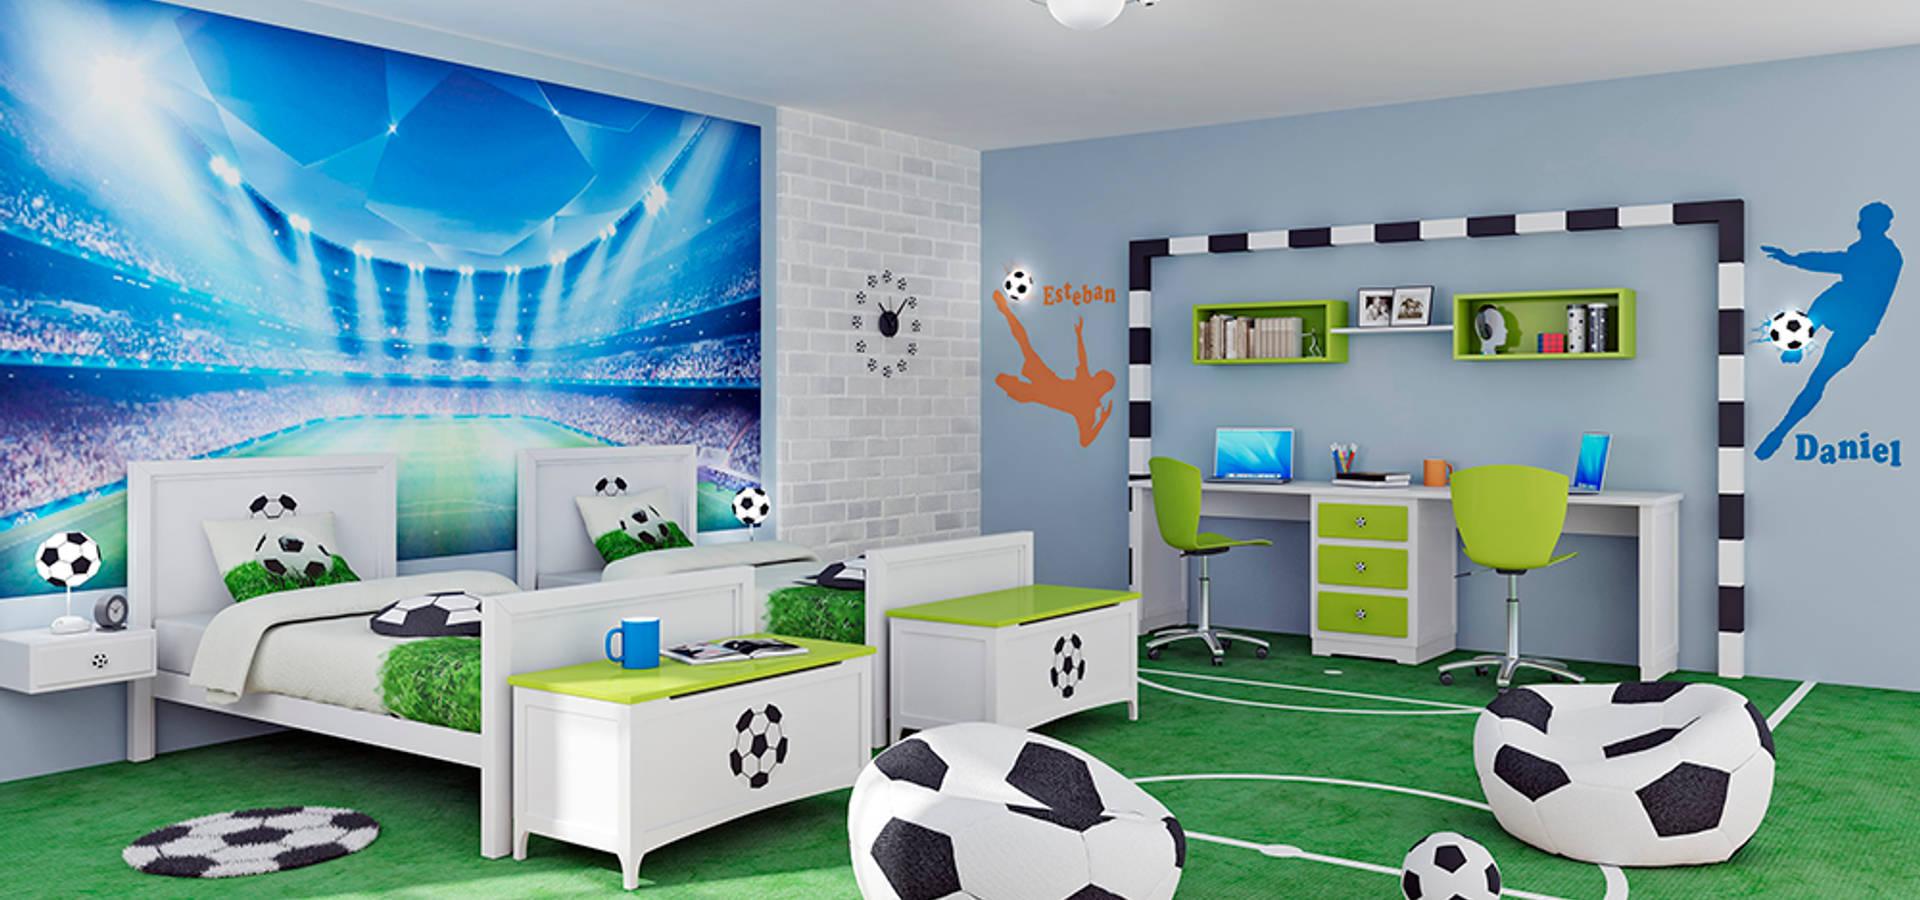 Dormitorio infantil ni a princesa profesjonalista lo quiero en mi casa homify - Dormitorio infantil nina ...